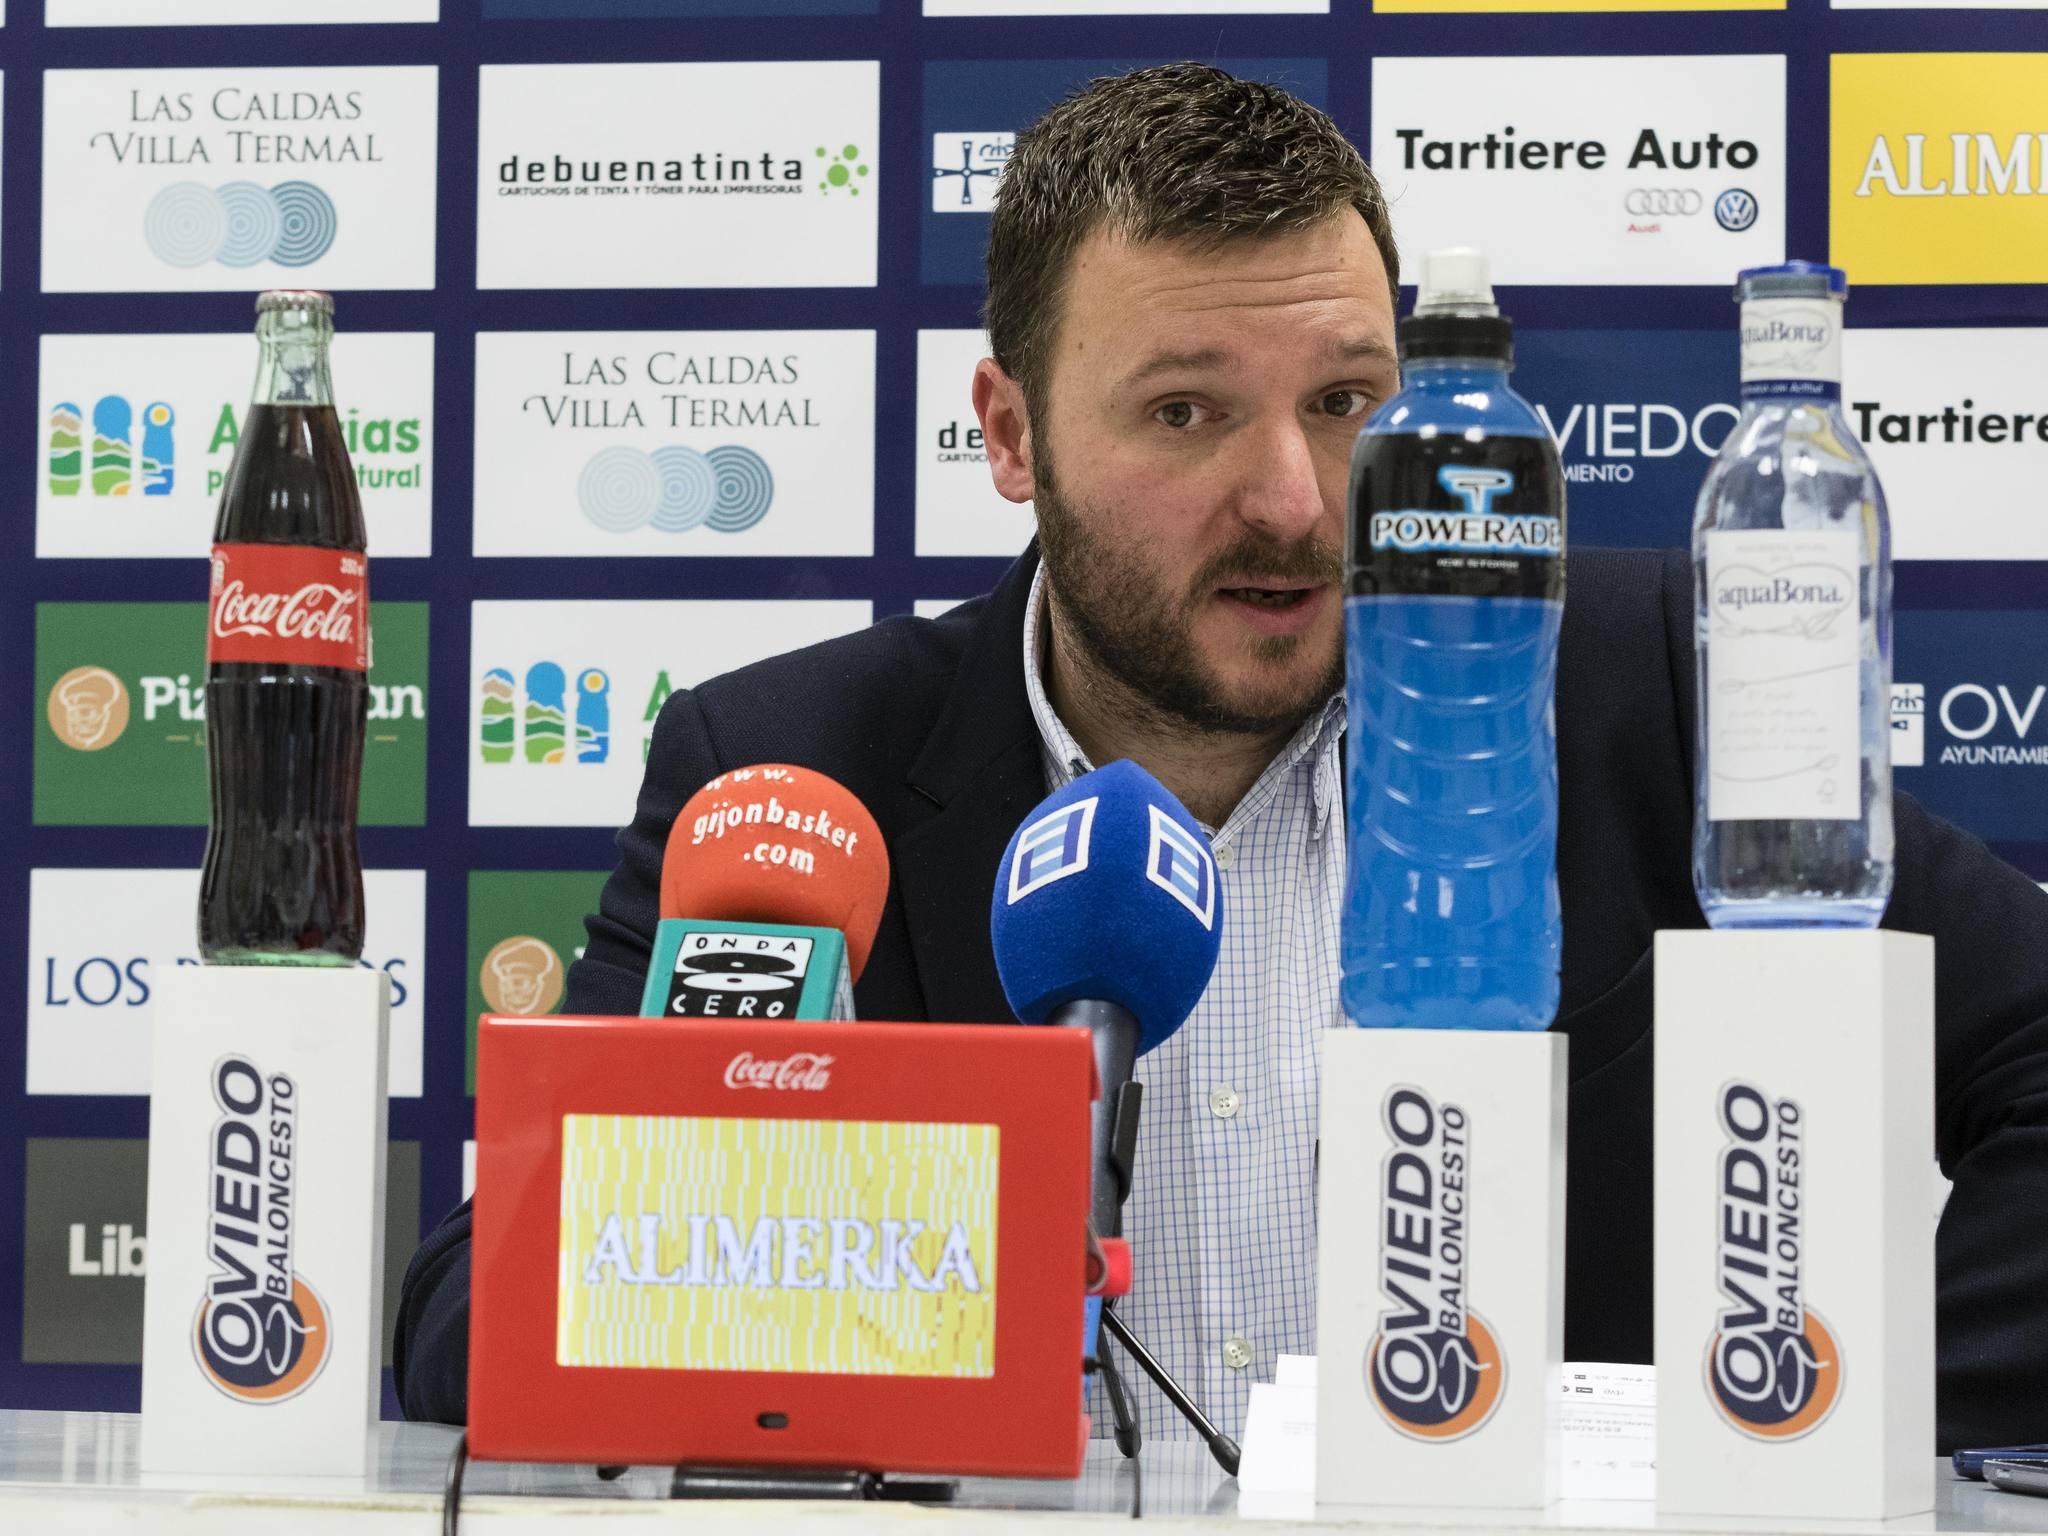 Antonio López en rueda de prensa (Foto: Christian García)